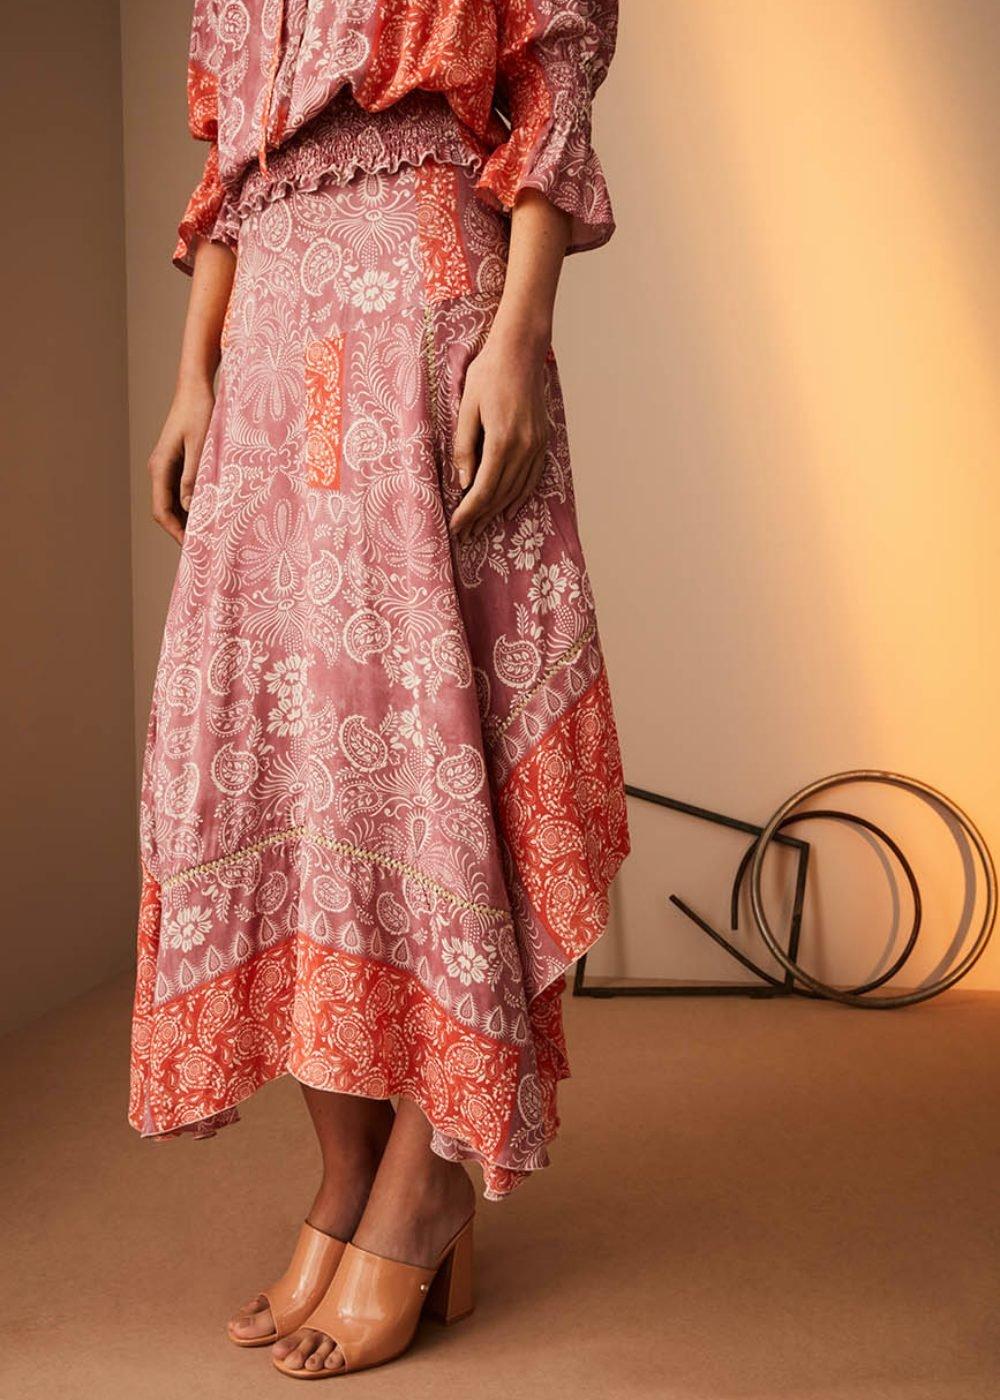 Giorgia skirt with asymmetric cut - Papaya /  Mora Fantasia - Woman